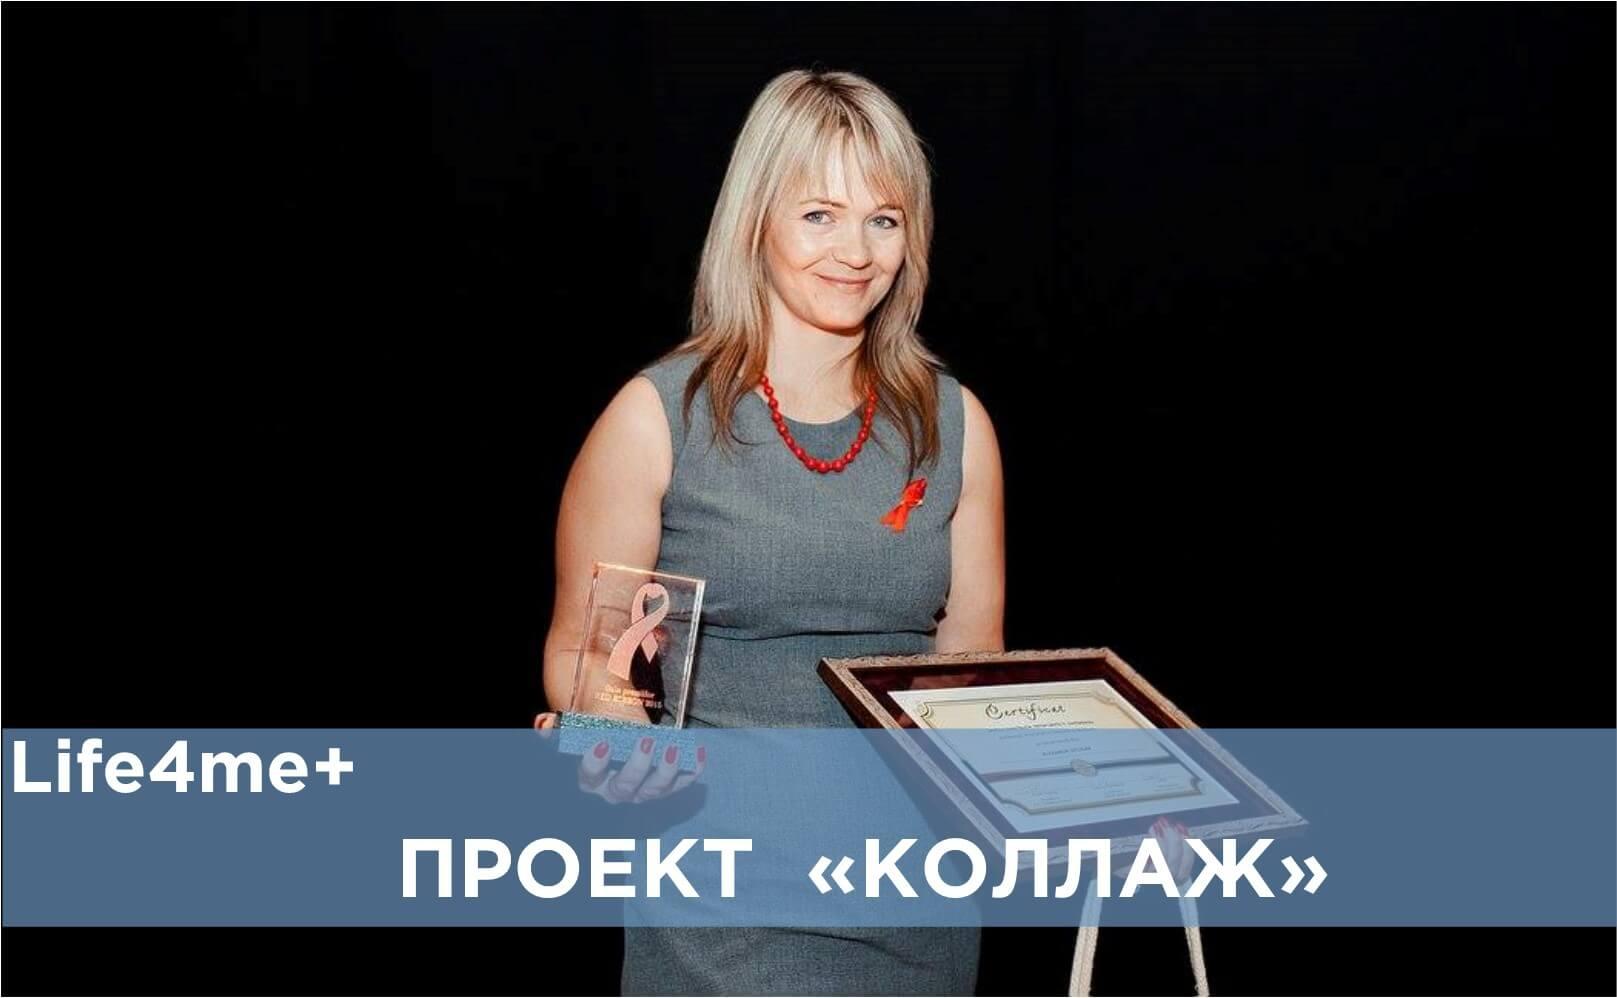 """Коллаж: """"Я создана для этой работы"""", - Наталья Паламарь - изображение 1"""